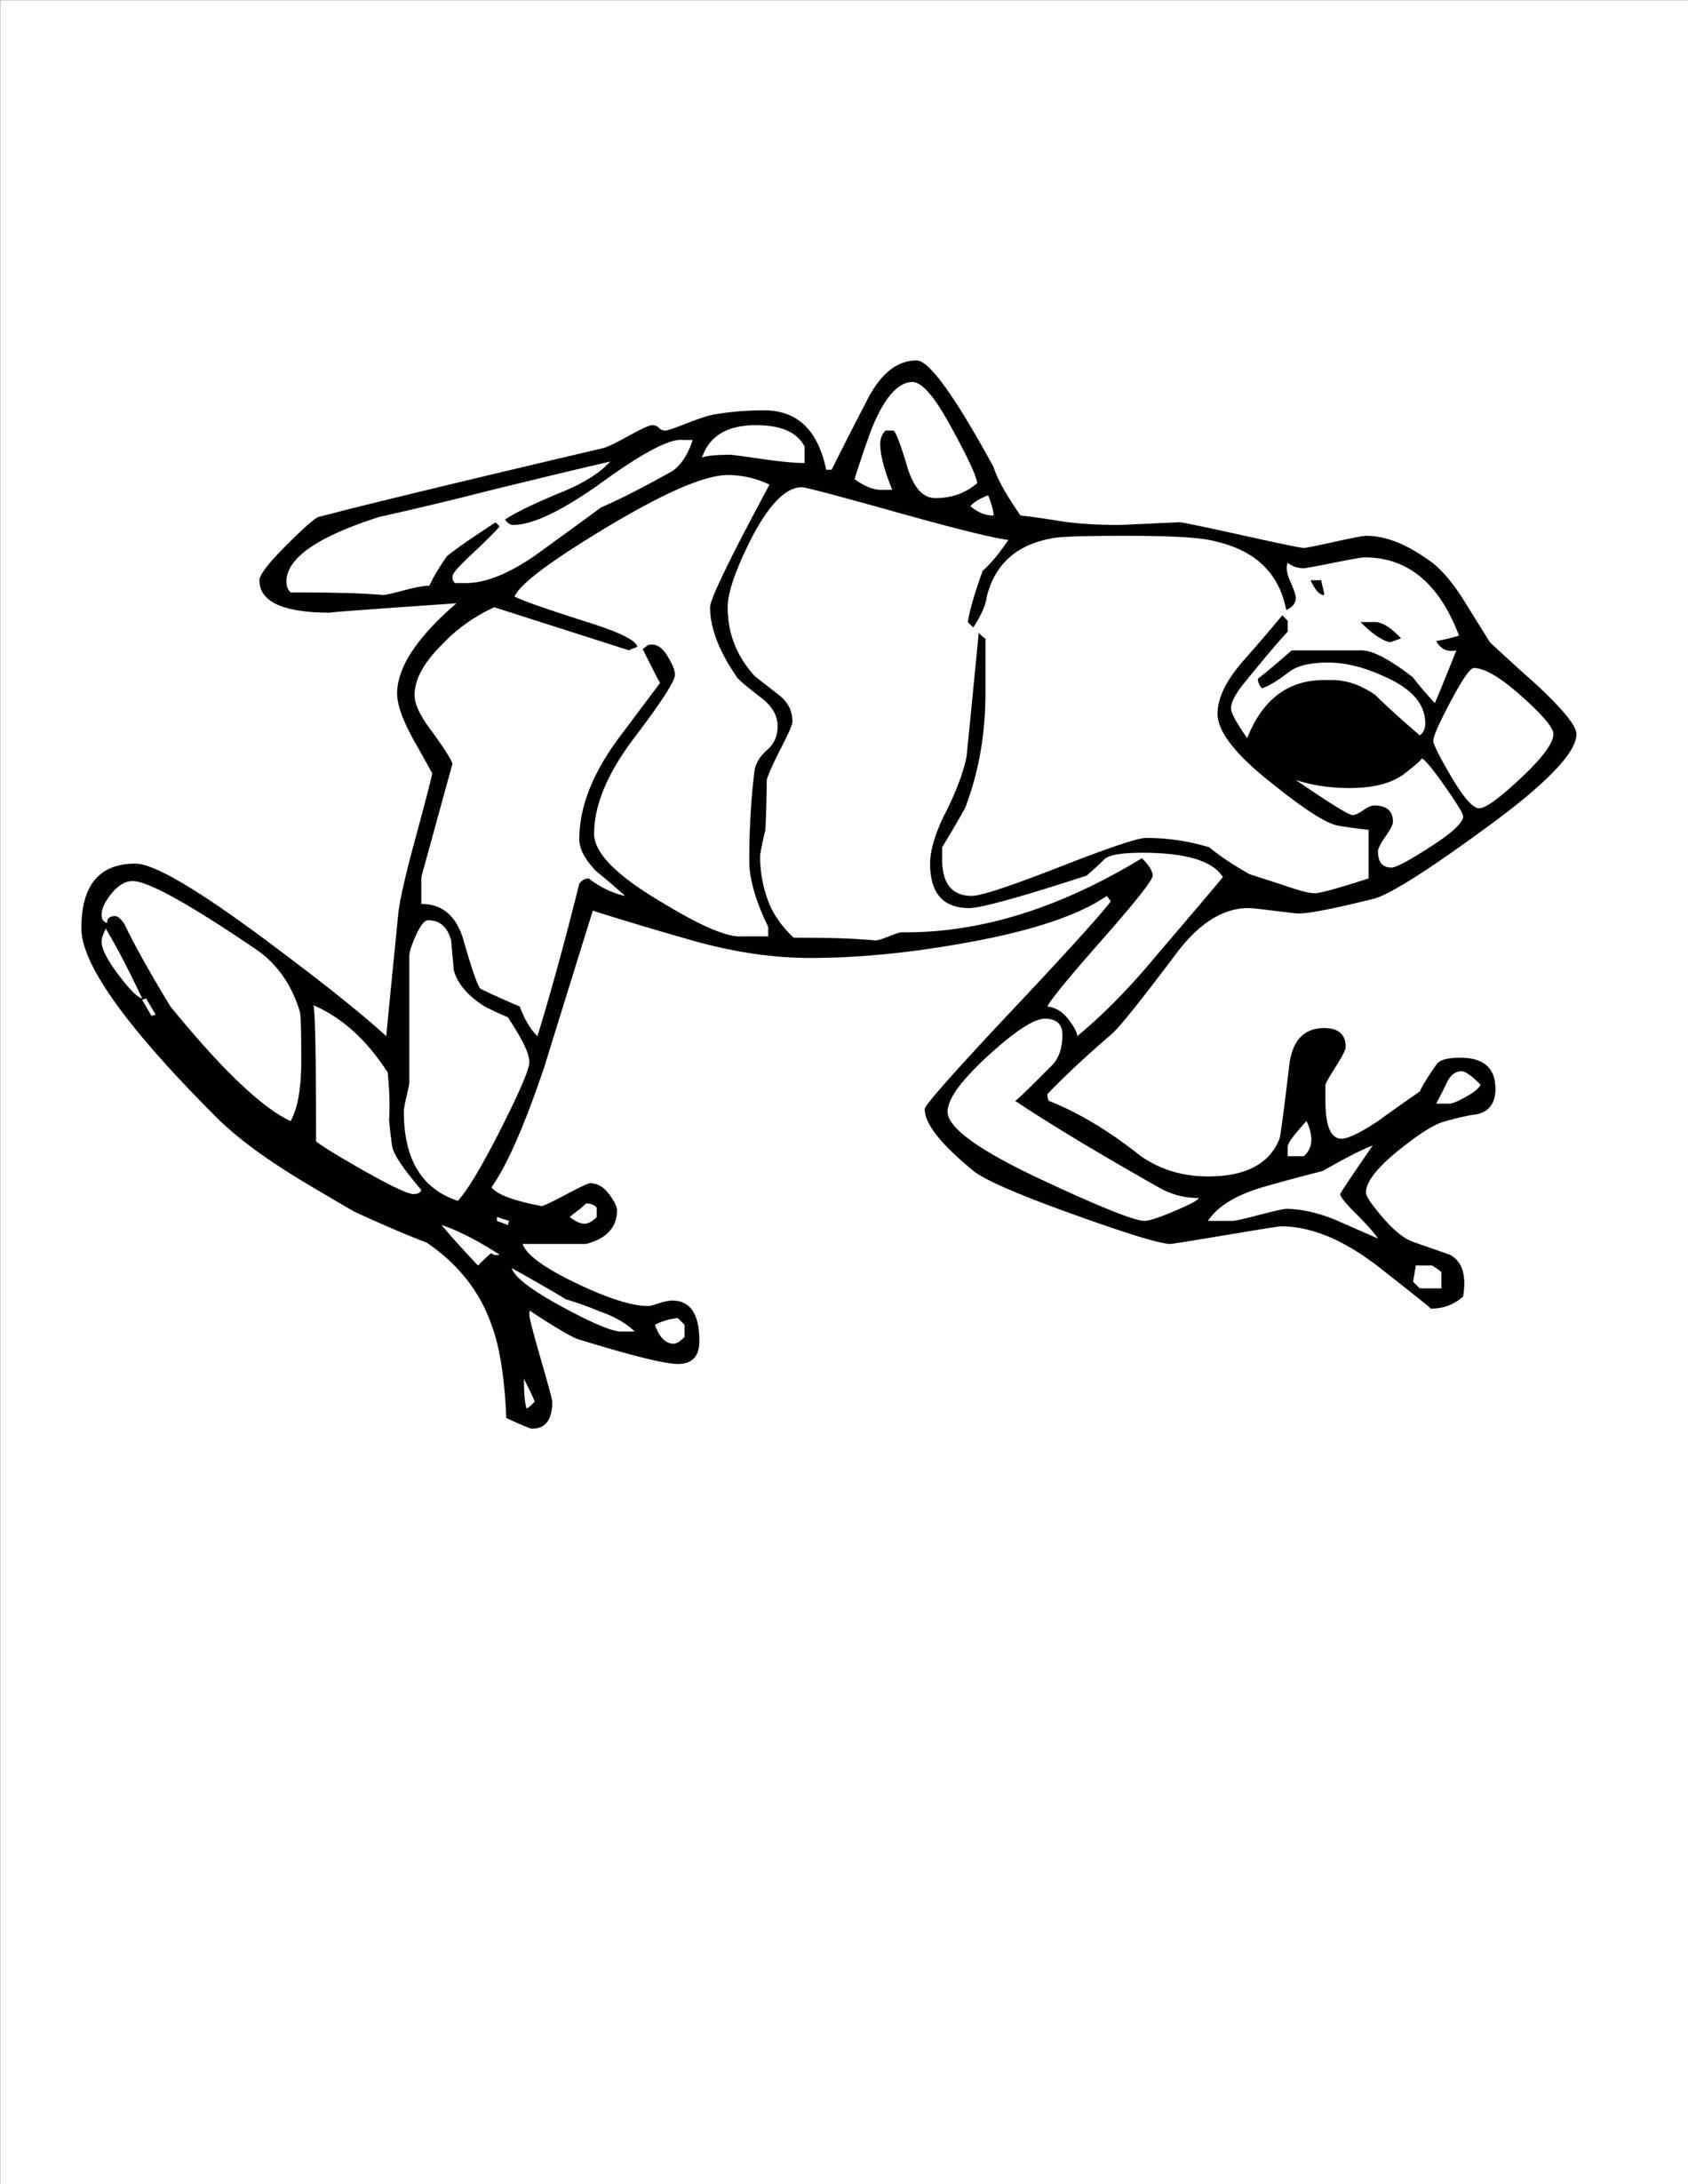 Frog Jumping Drawing